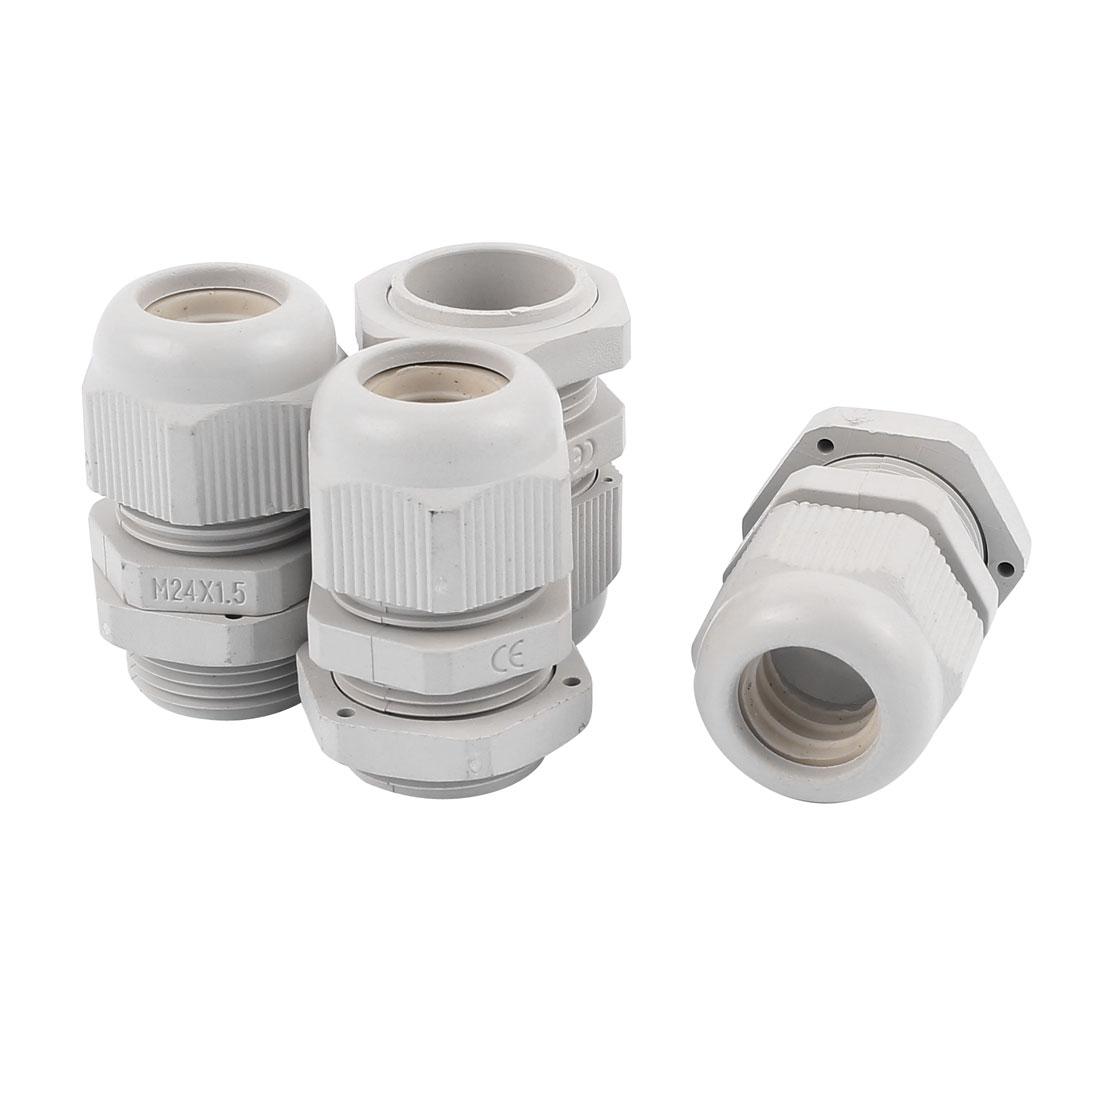 4Pcs Gray Plastic Waterproof Connectors Cable Glands Joints M24 x 1.5